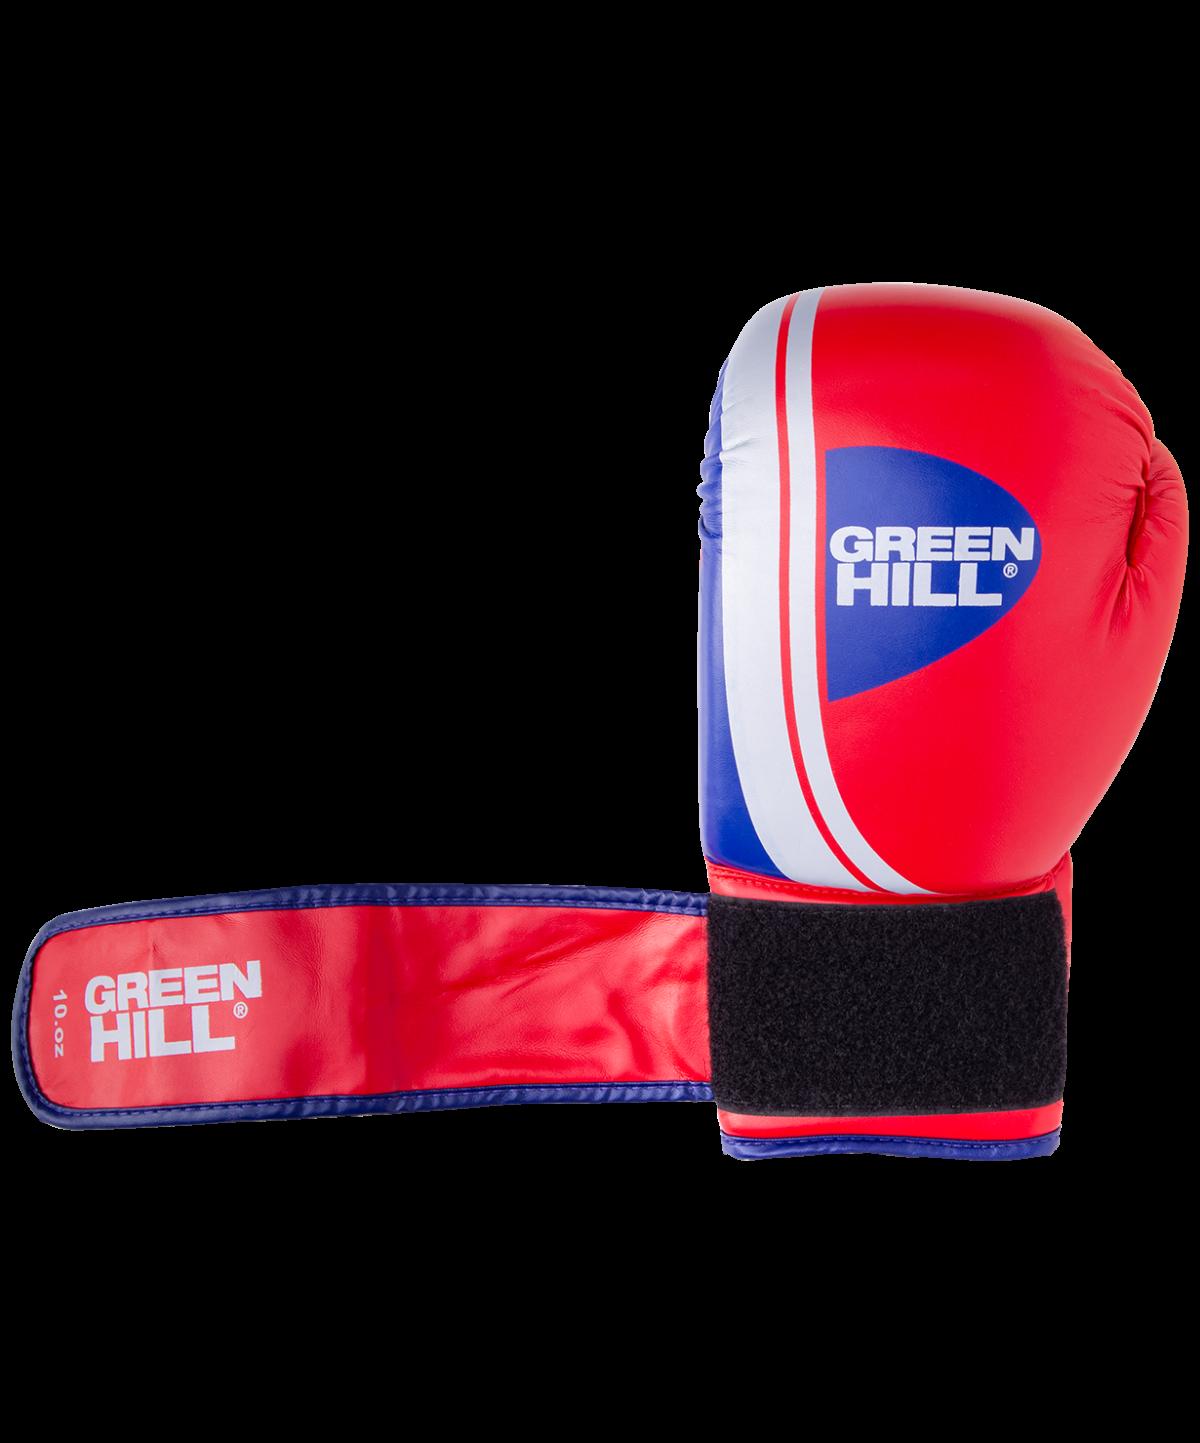 GREEN HILL Перчатки боксерские 10 oz Knockout  BGK-2266 - 4